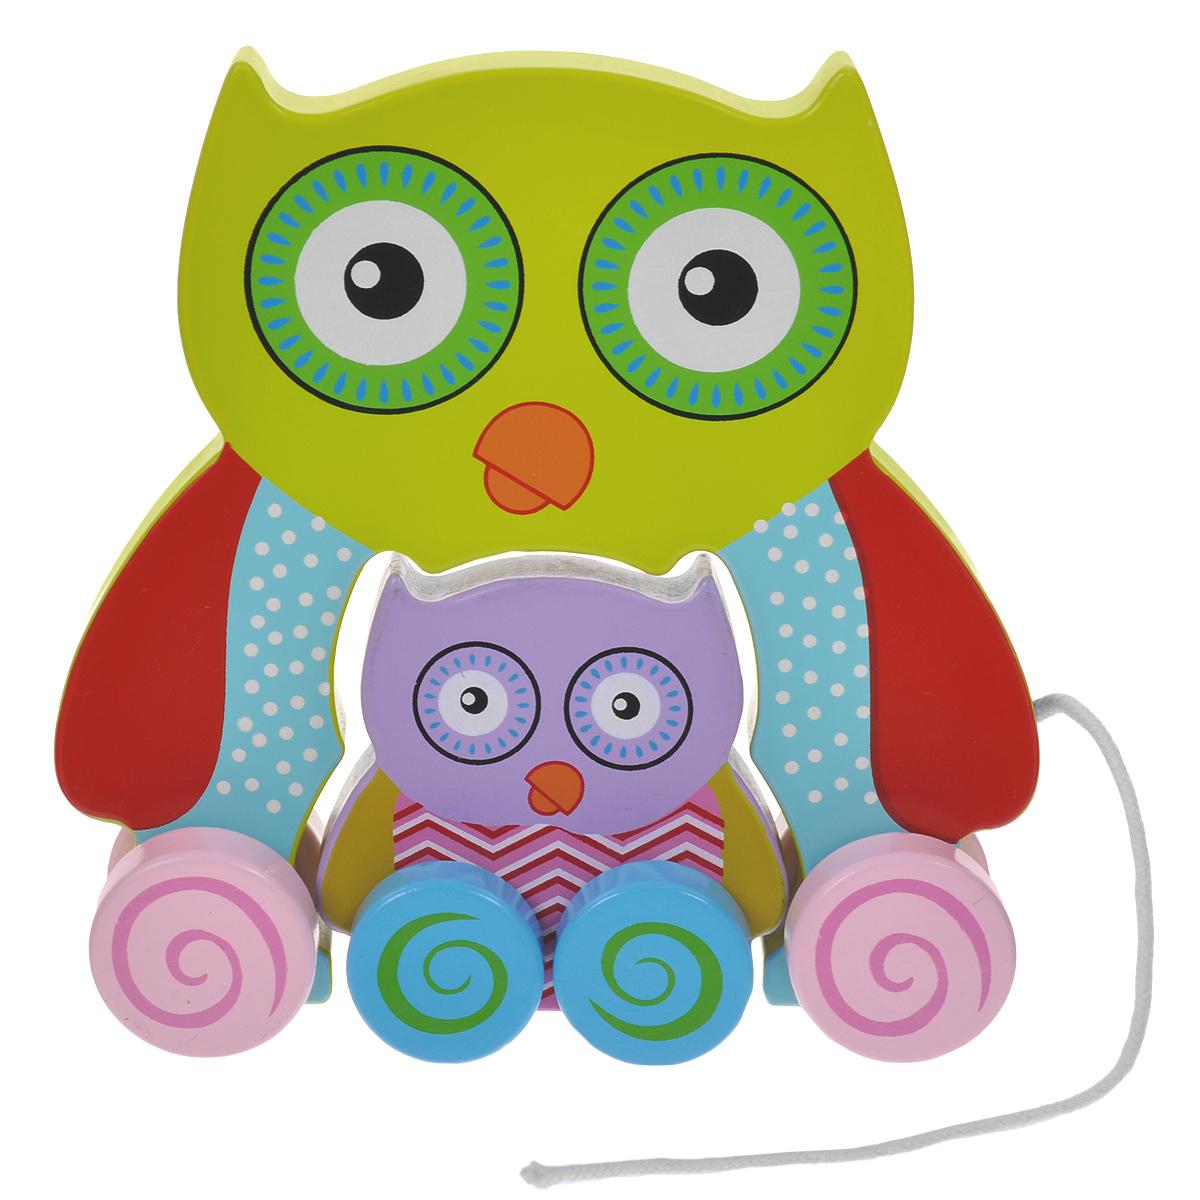 Mapacha Деревянная игрушка-каталка Сова с совенком76422Деревянная игрушка-каталка Mapacha Сова с совенком непременно понравится вашему малышу и подойдет для игры как дома, так и на свежем воздухе. Она выполнена из дерева с использованием нетоксичных красок и состоит из игрушек в виде совы и совенка, оснащенных колесиками. Края игрушек закруглены, чтобы избежать вероятности травмирования. К сове приделан шнурок для того, чтобы ребенку было удобно везти игрушку за собой. Малыш сможет катать их по отдельности или соединить их. Игрушка-каталка Mapacha Сова с совенком развивает пространственное мышление, цветовое восприятие, ловкость, равновесие и координацию движений. Контрастные узоры на сове и совенке стимулируют развитие координации глаз, учат следить за мелкими движущимися объектами.